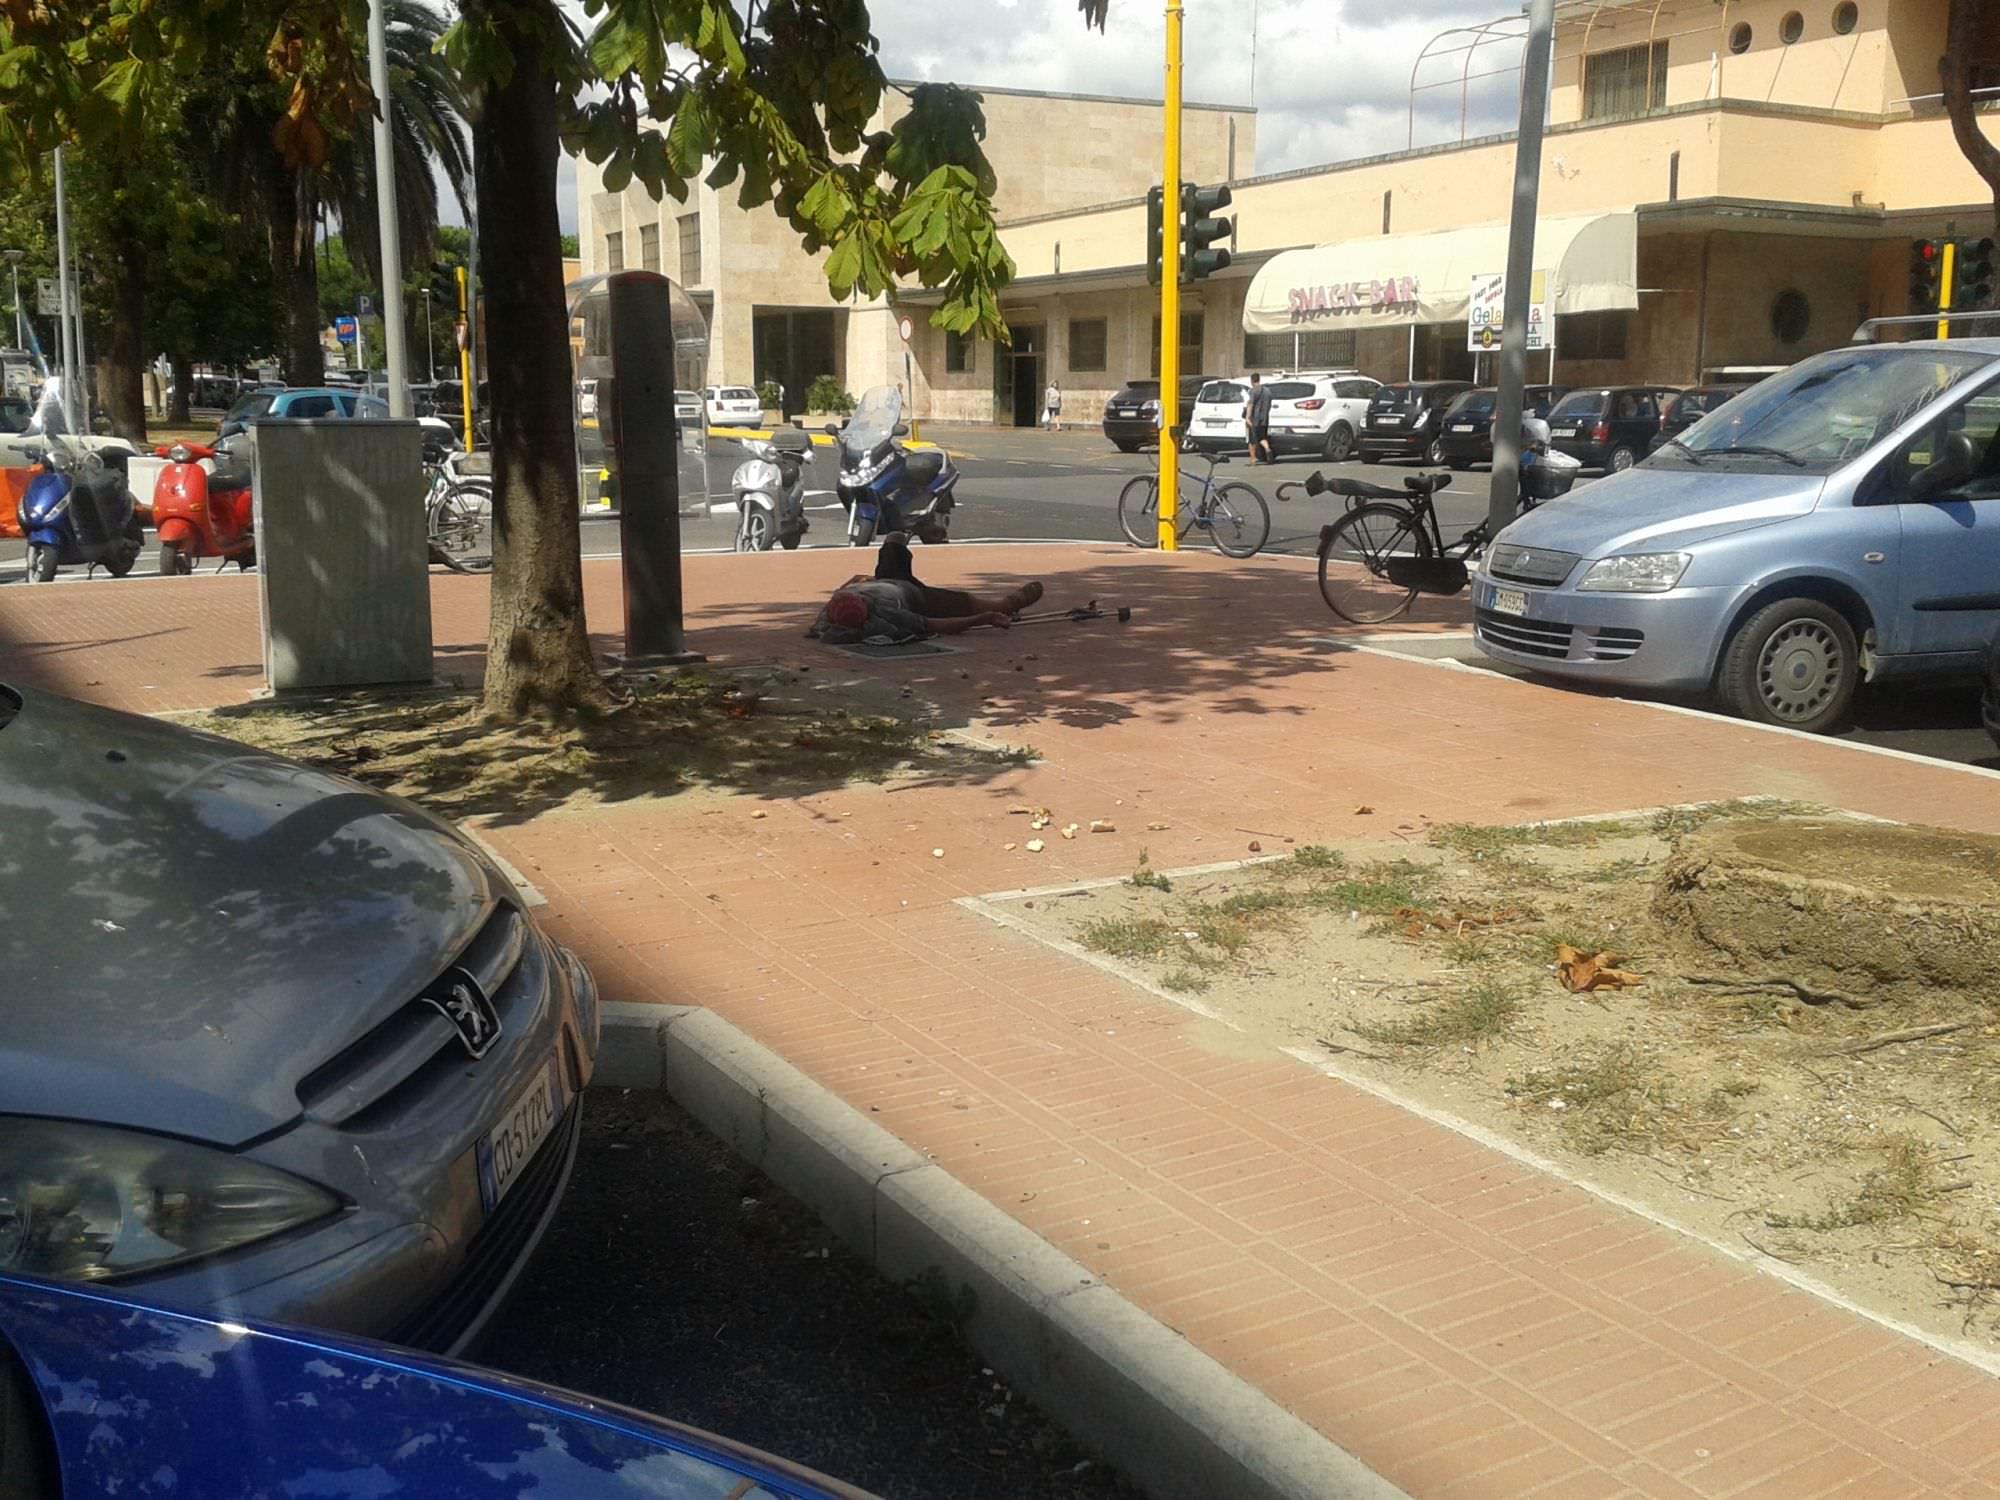 Furto in auto alla stazione di Viareggio ai danni dell'avvocato Pajatto